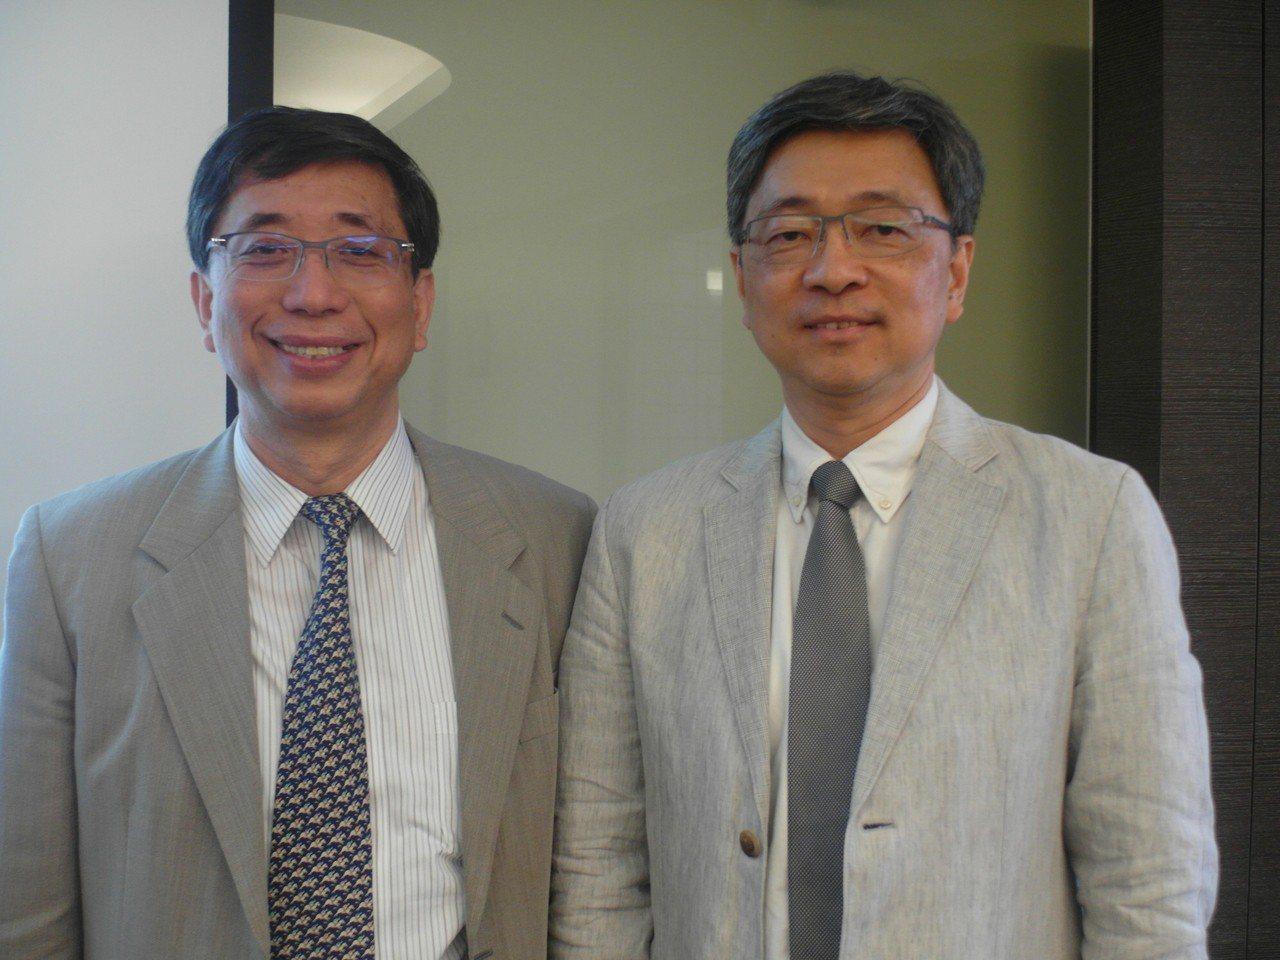 光洋科董事長馬堅勇(左)與總經理黃啟峰。 記者何佩儒/攝影